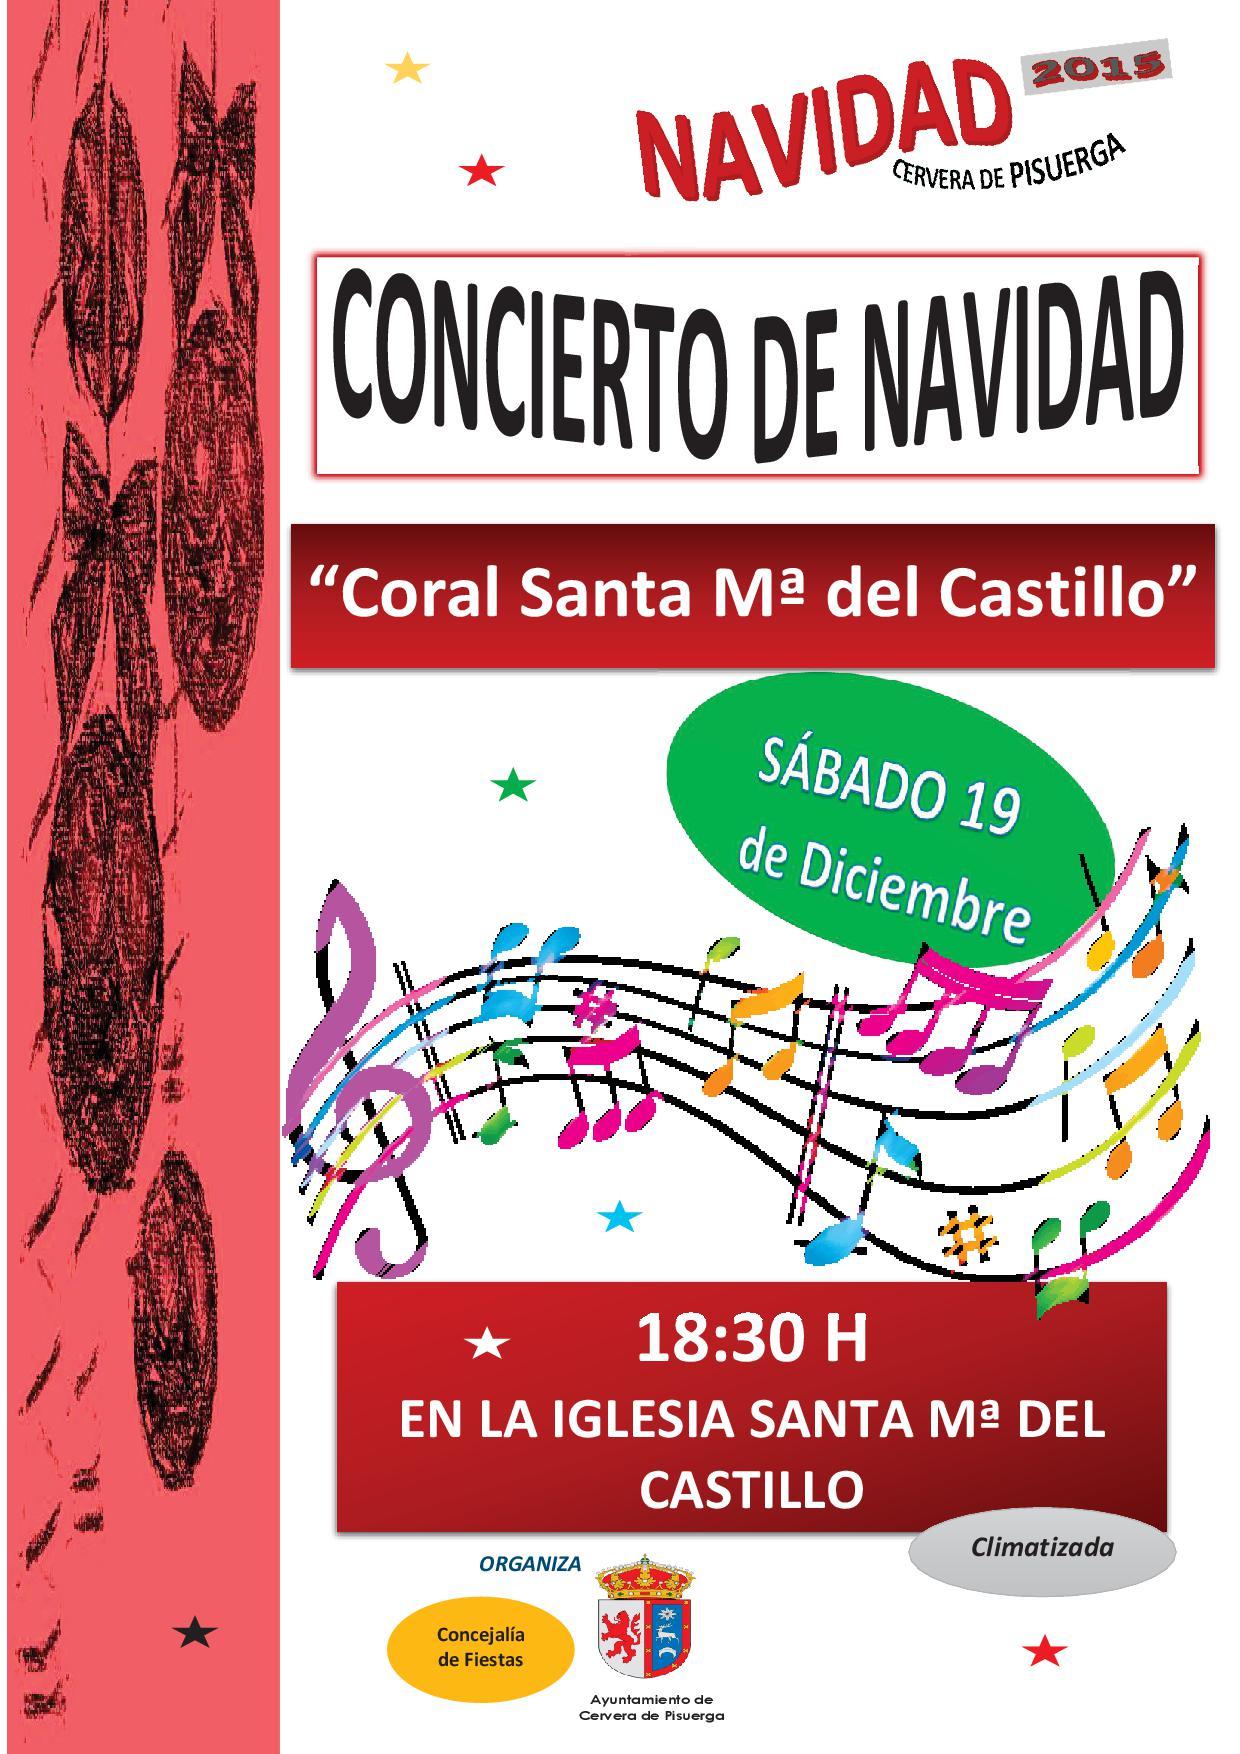 Concierto de Navidad – Coral Sta. Mª del Castillo